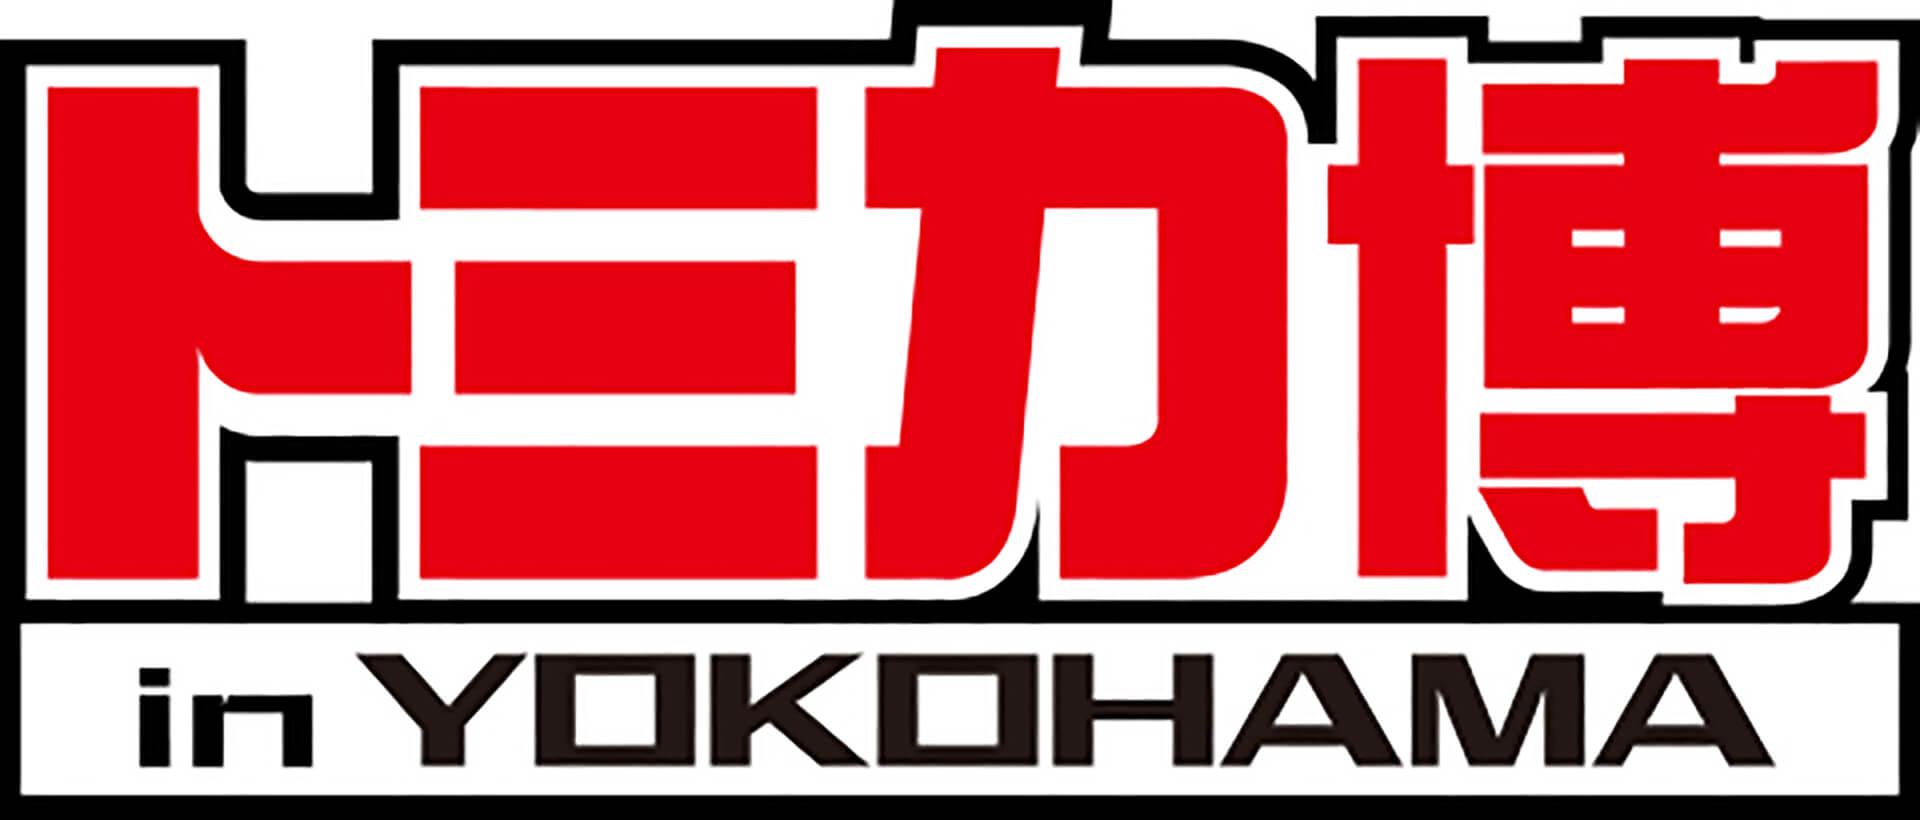 この写真はトミカ博のロゴです